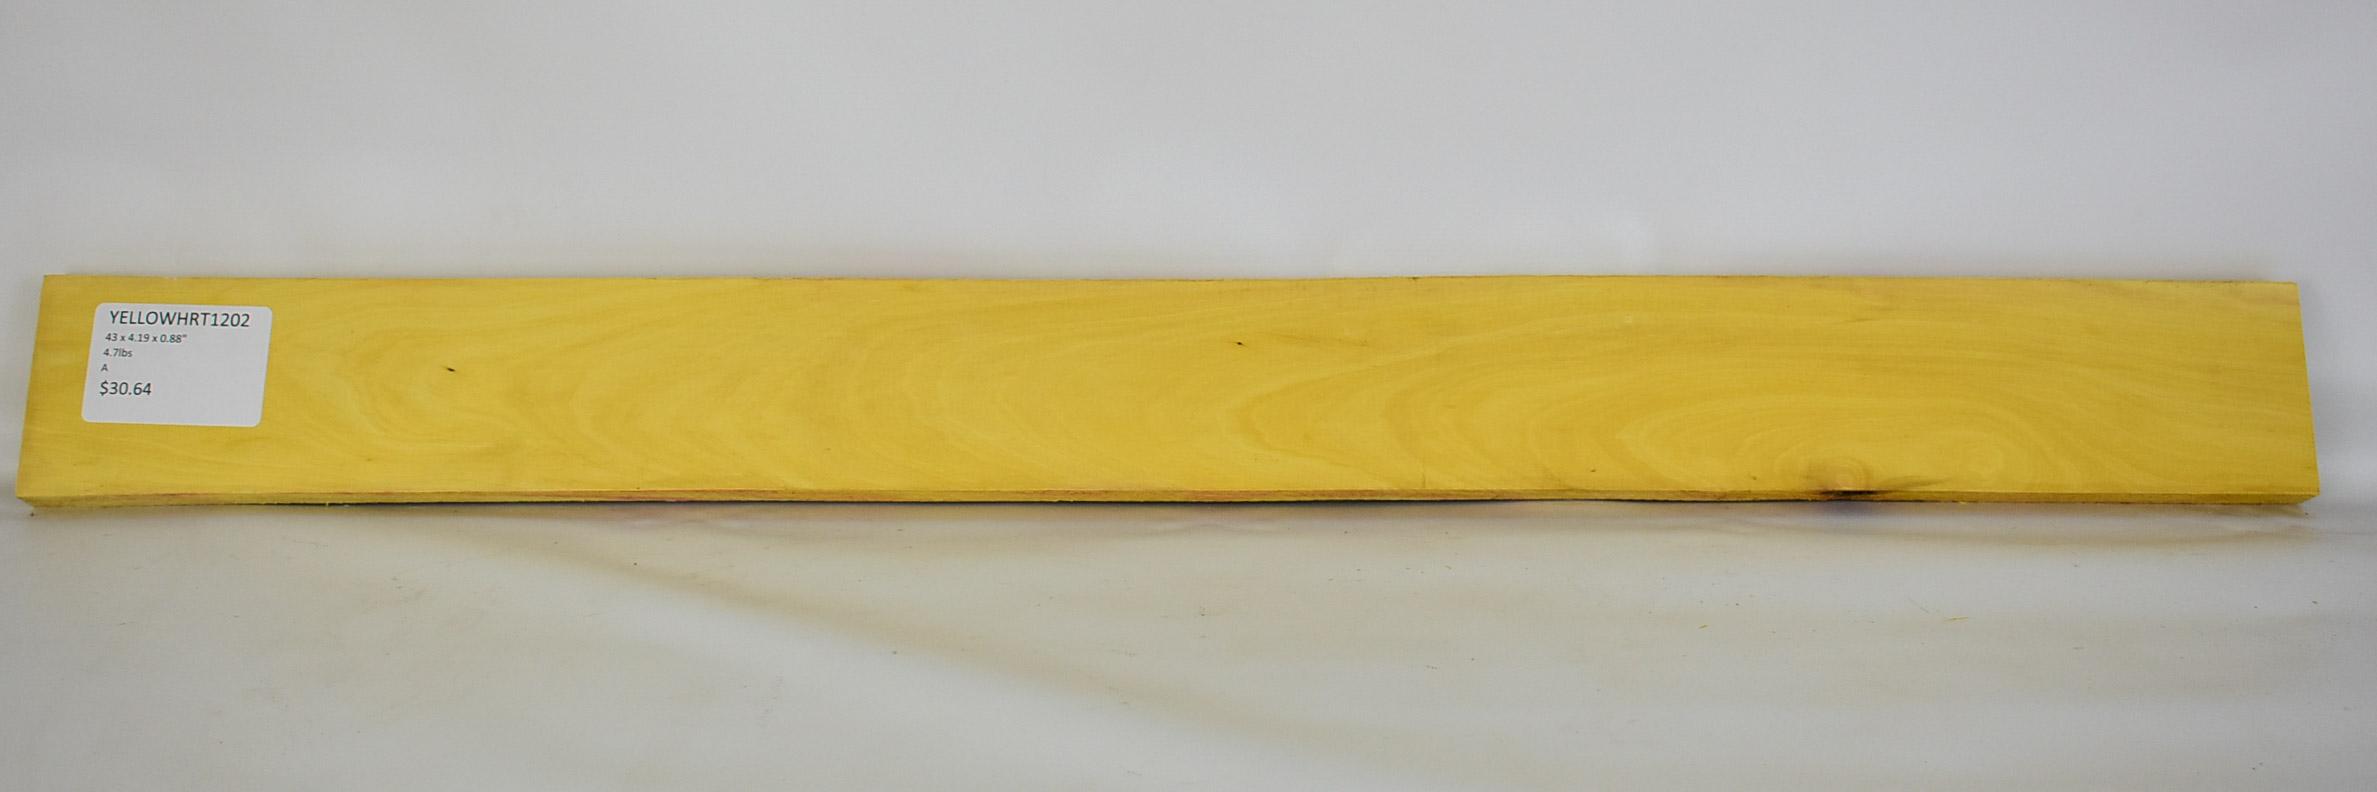 Yellowheart